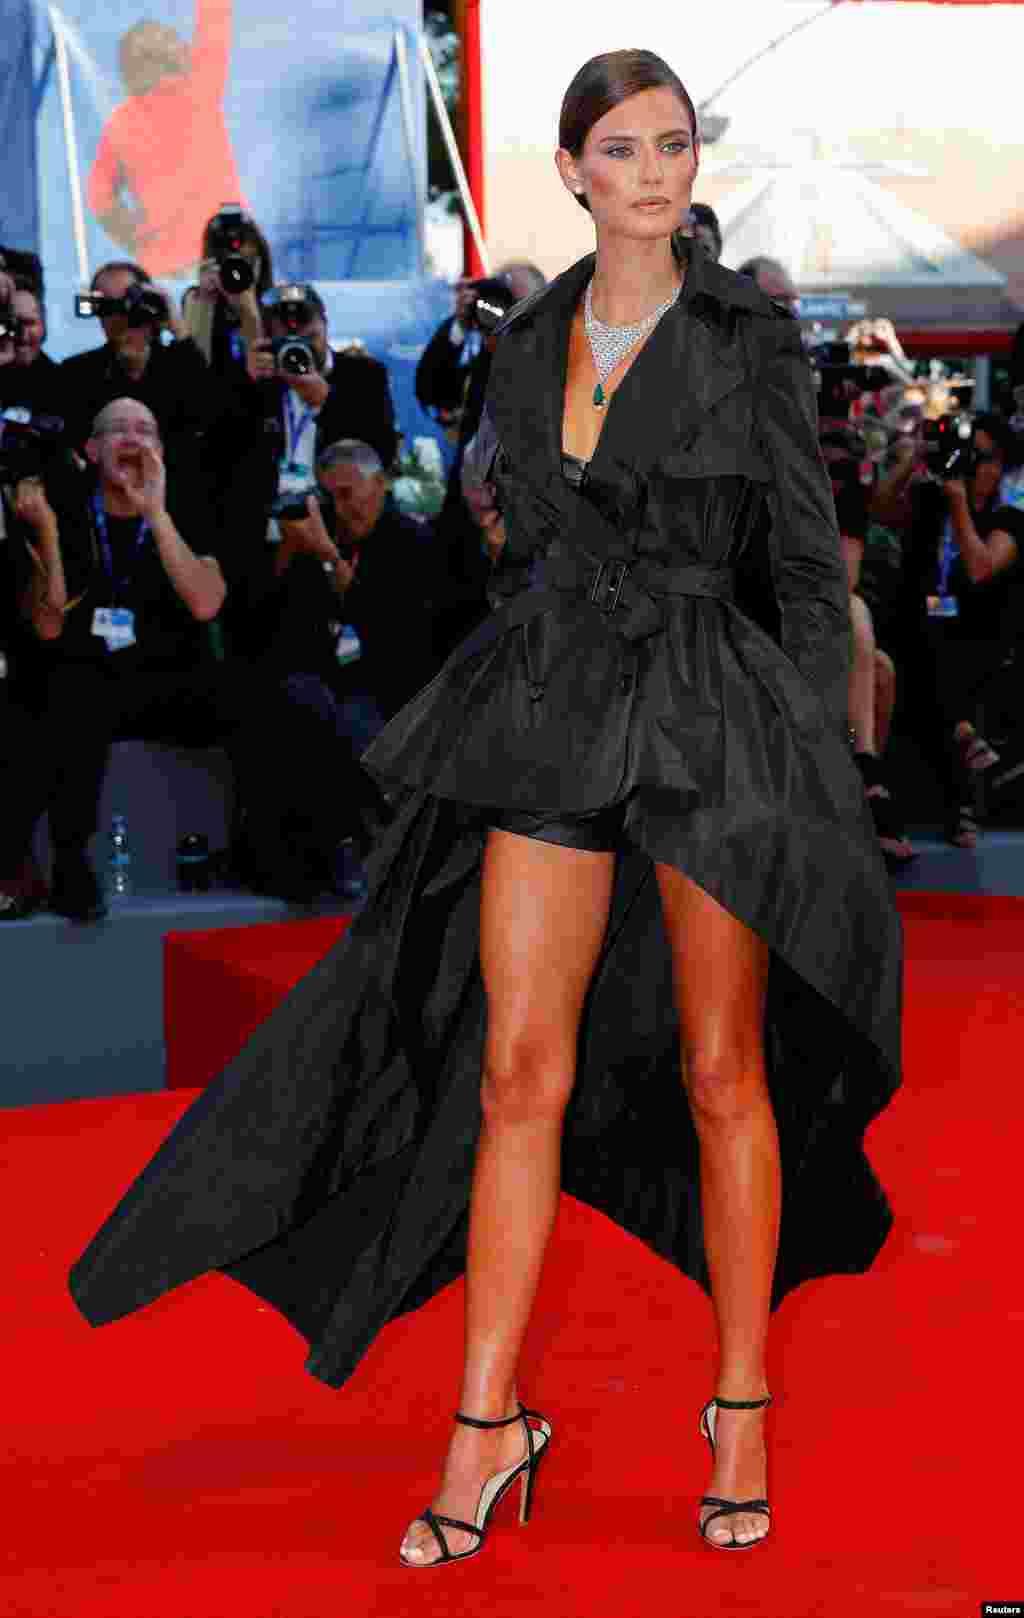 بیانکا بالتی مانکن که در جشنواره ونیز حضور دارد.